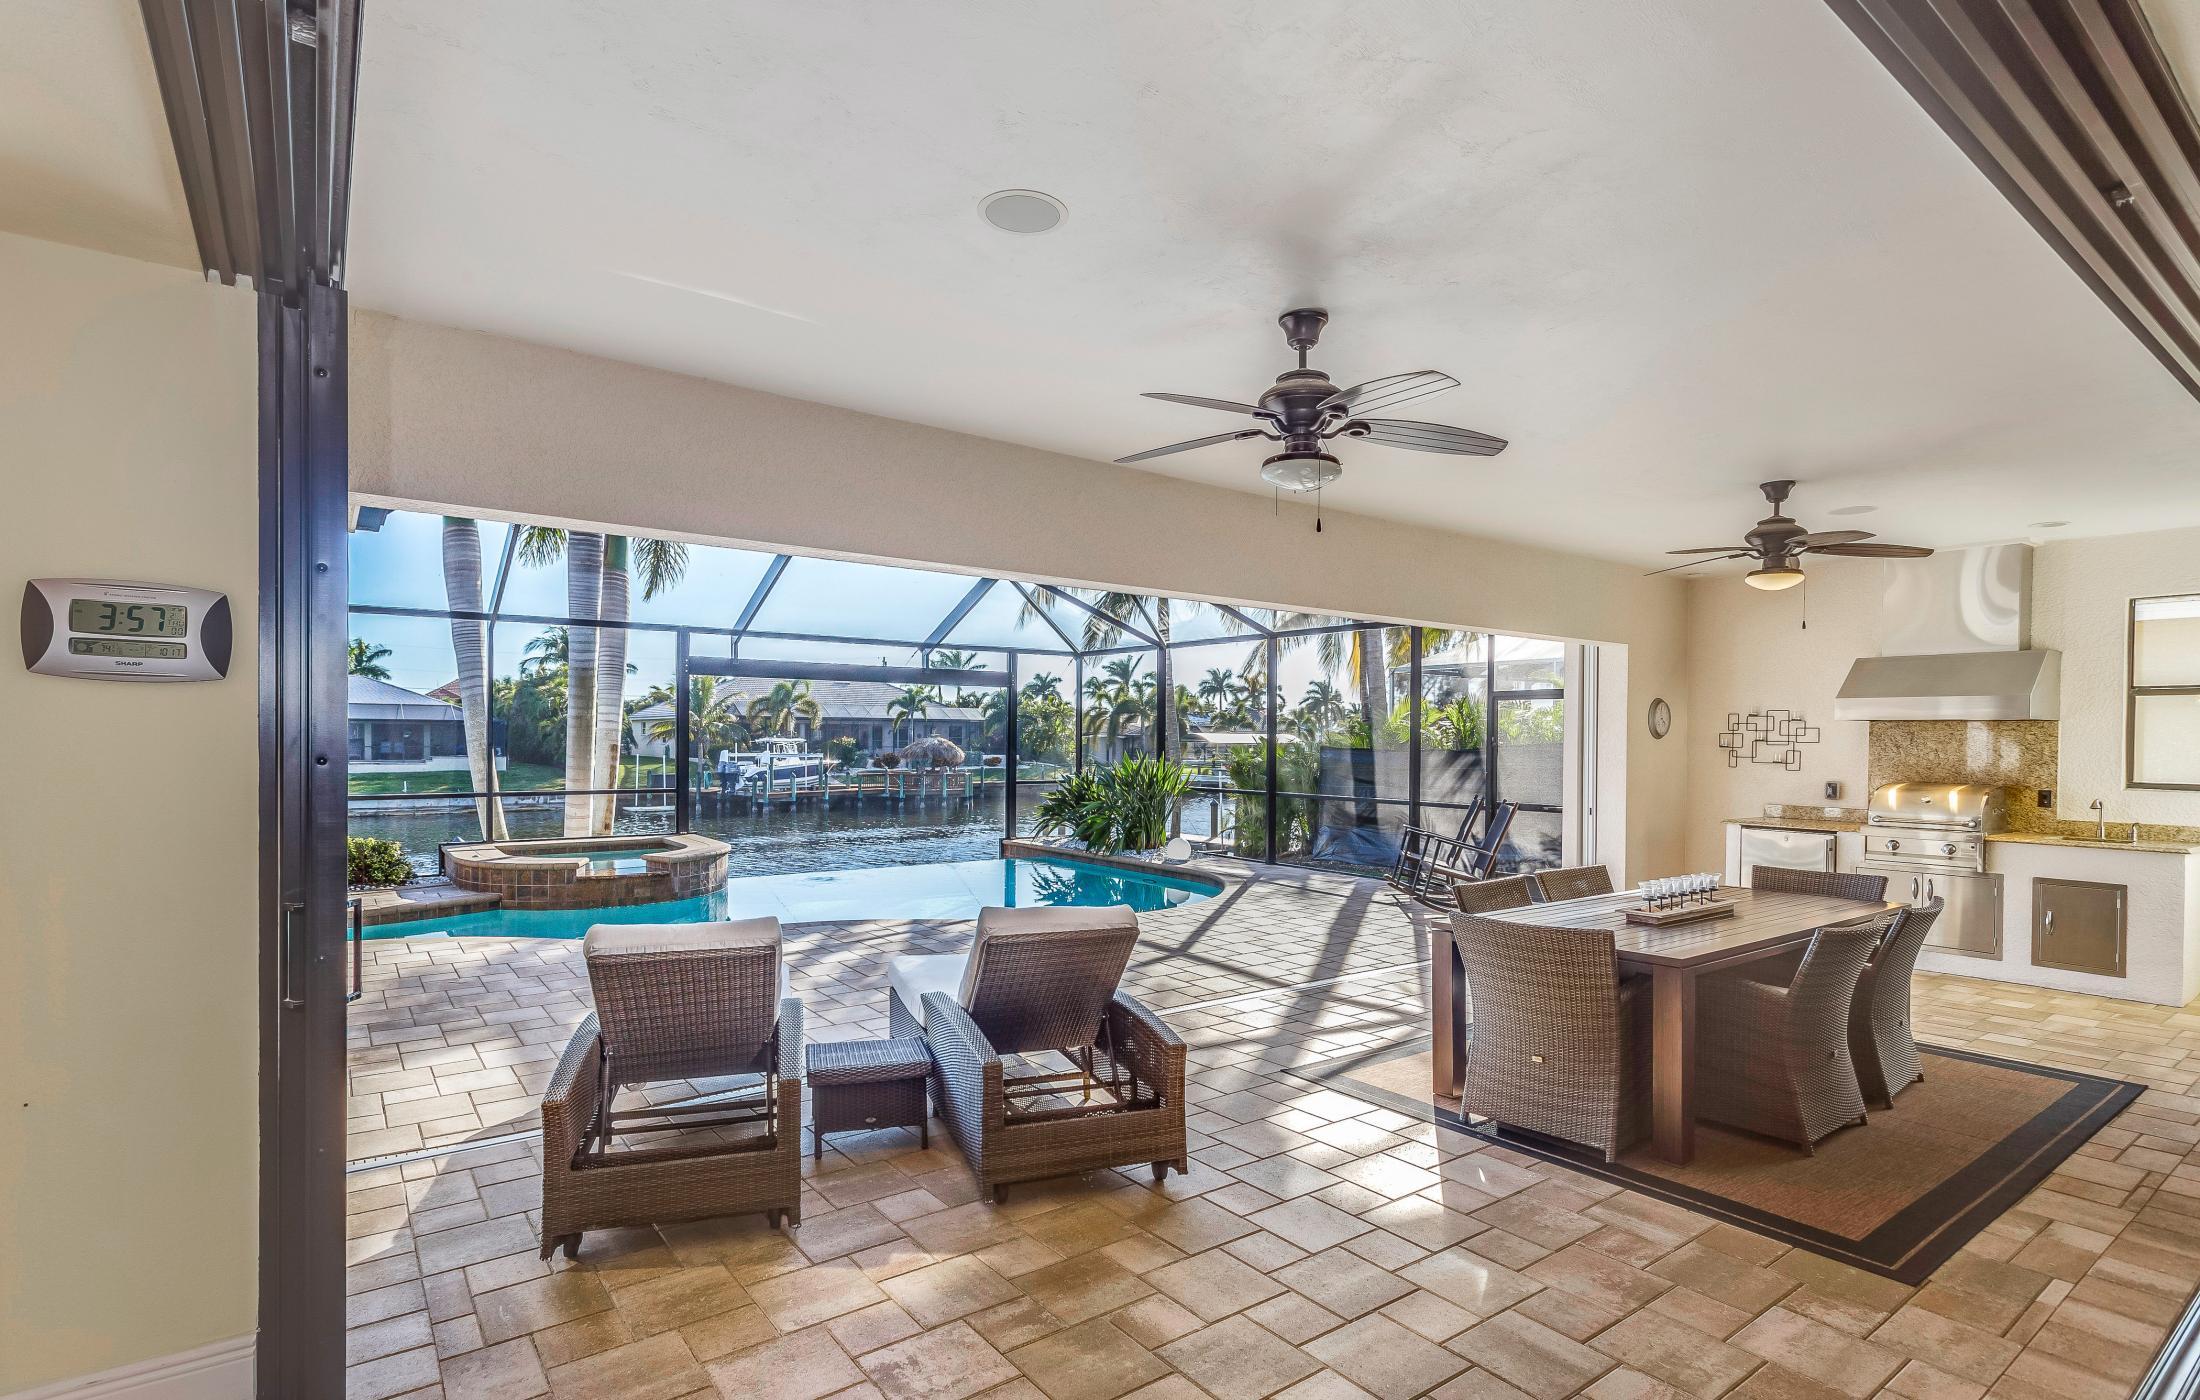 NEW!! Villa Cosmopolitan - Ferienhäuser in Cape Coral, Florida ...